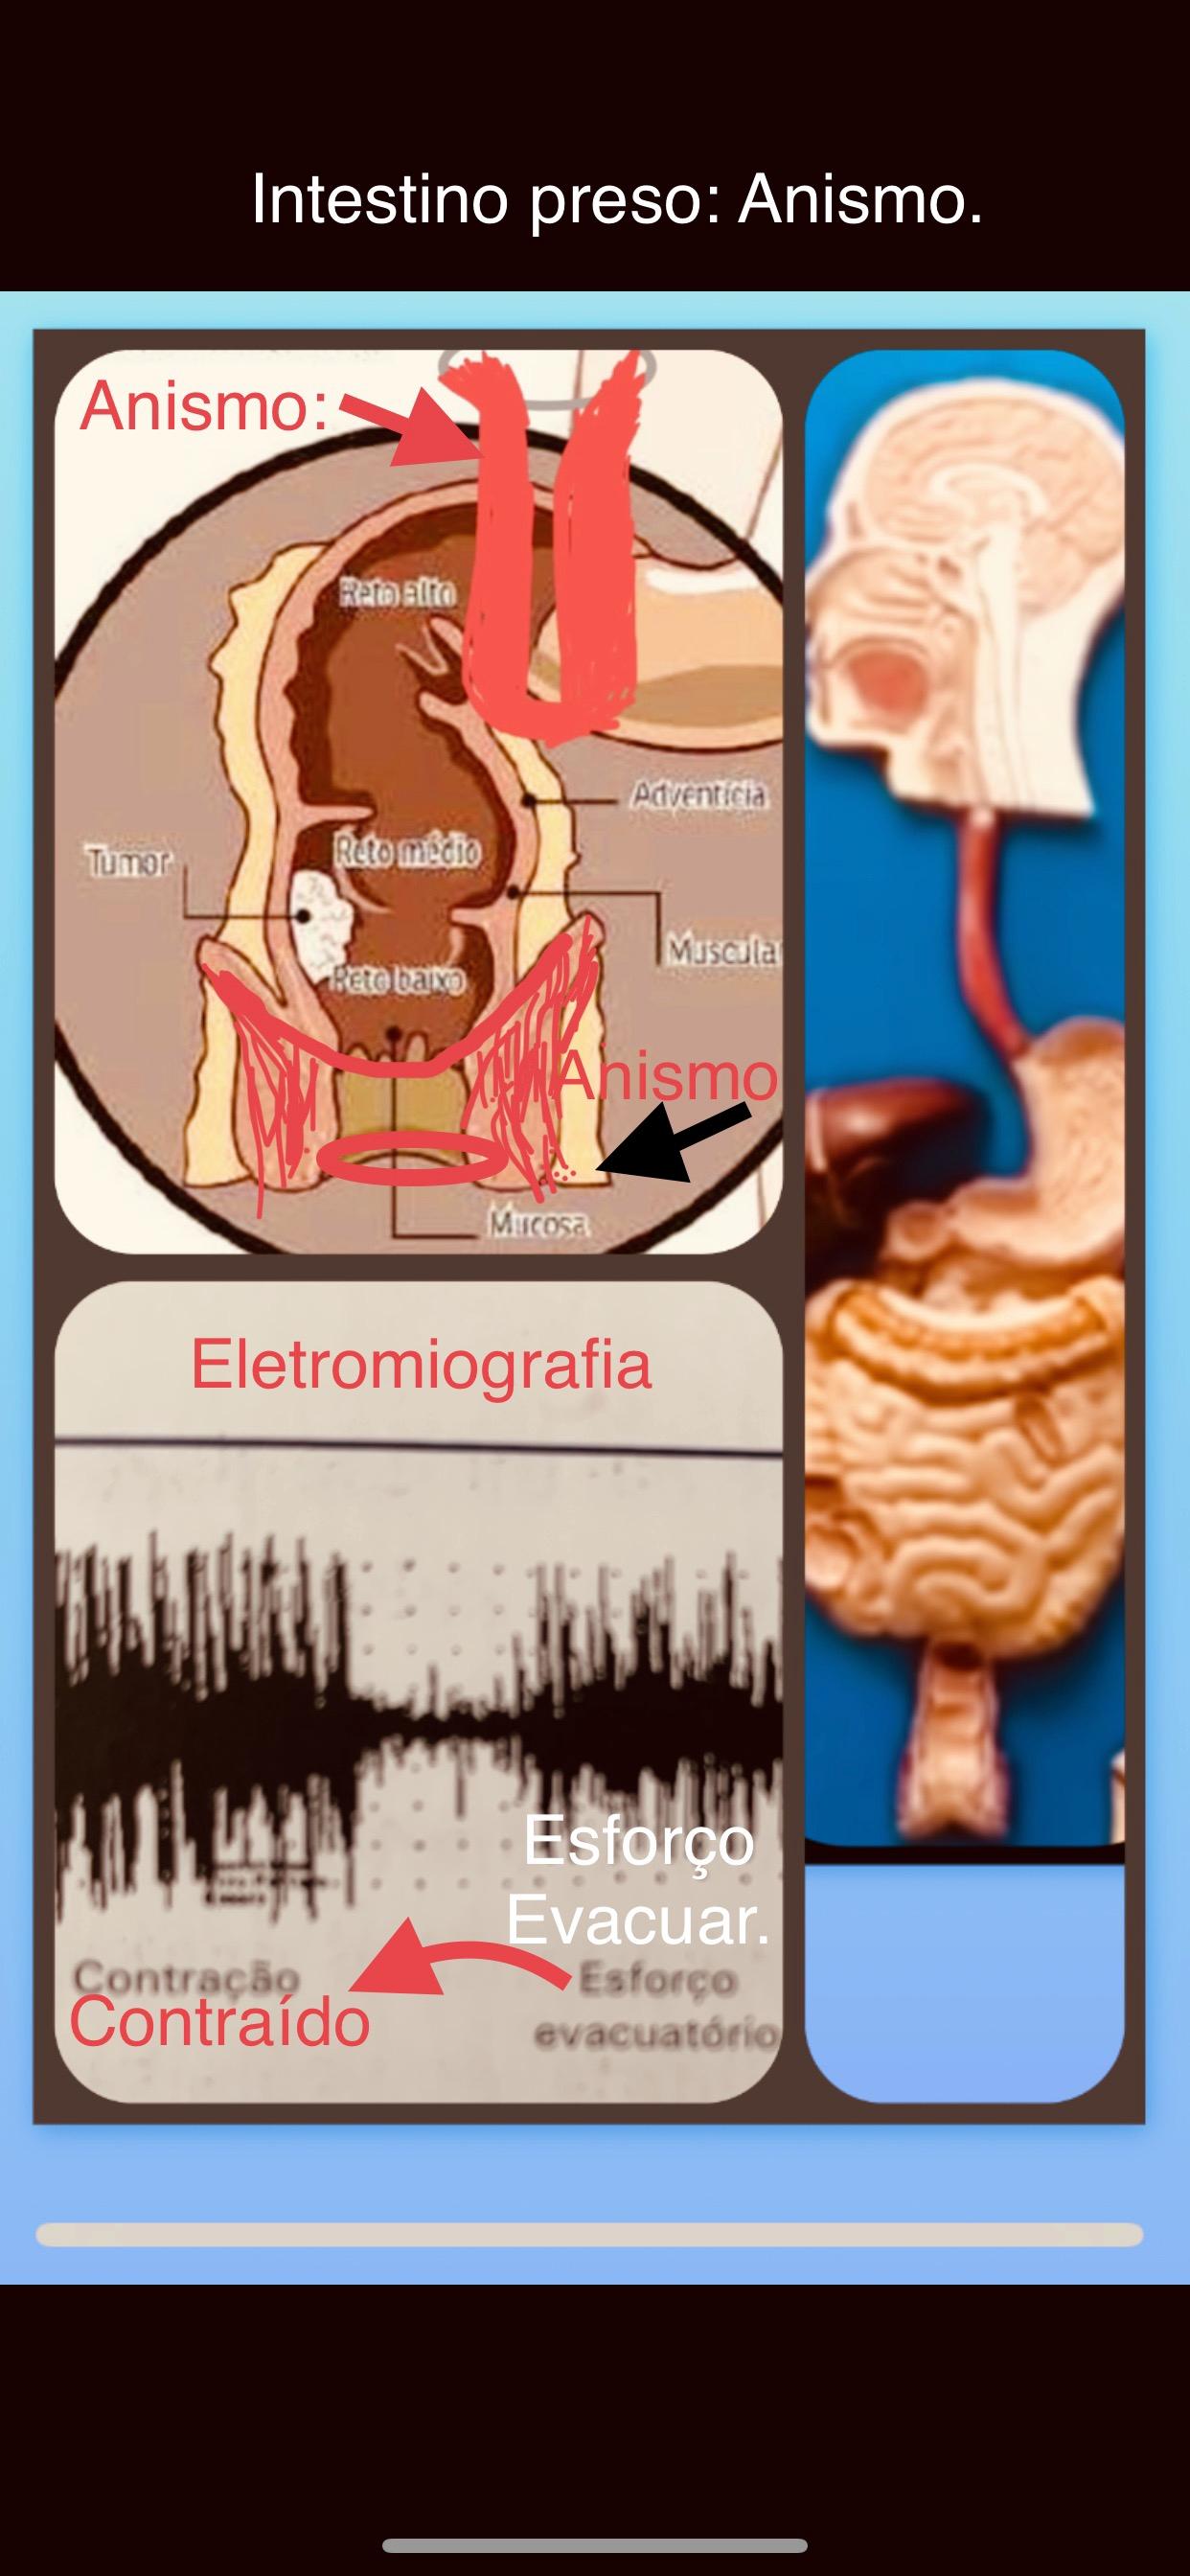 Obstipação intestinal e Anismo